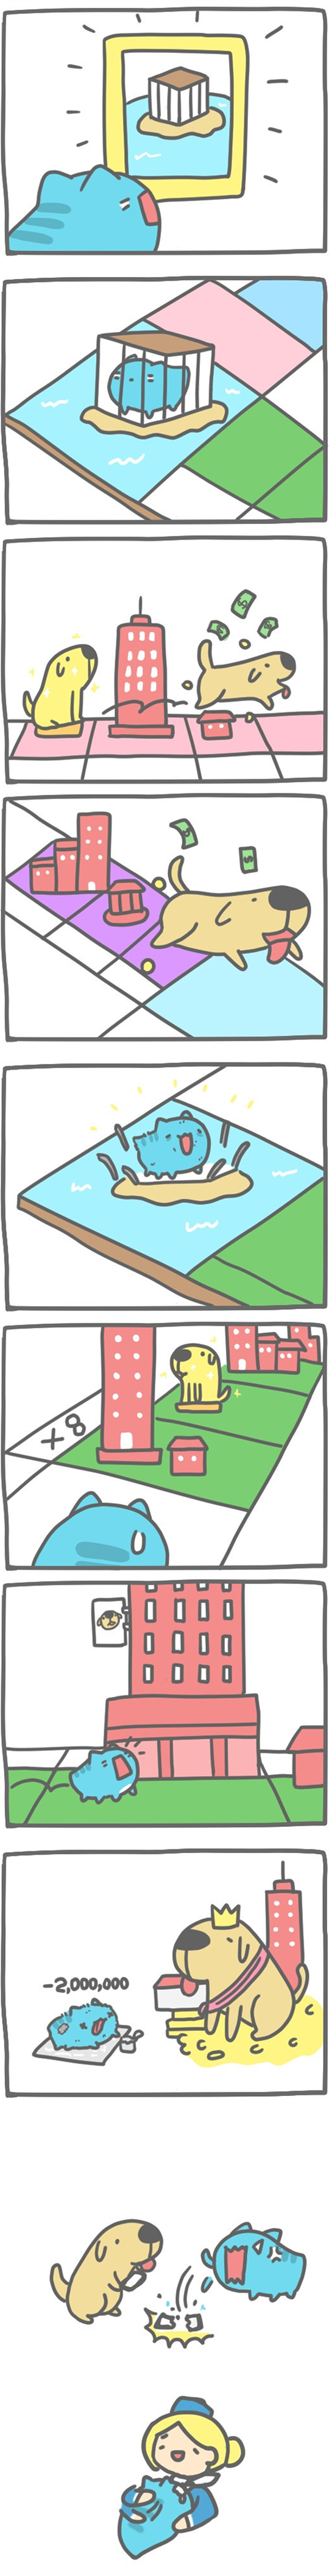 Truyện Mìn Lèo #113: Cờ tỷ phú